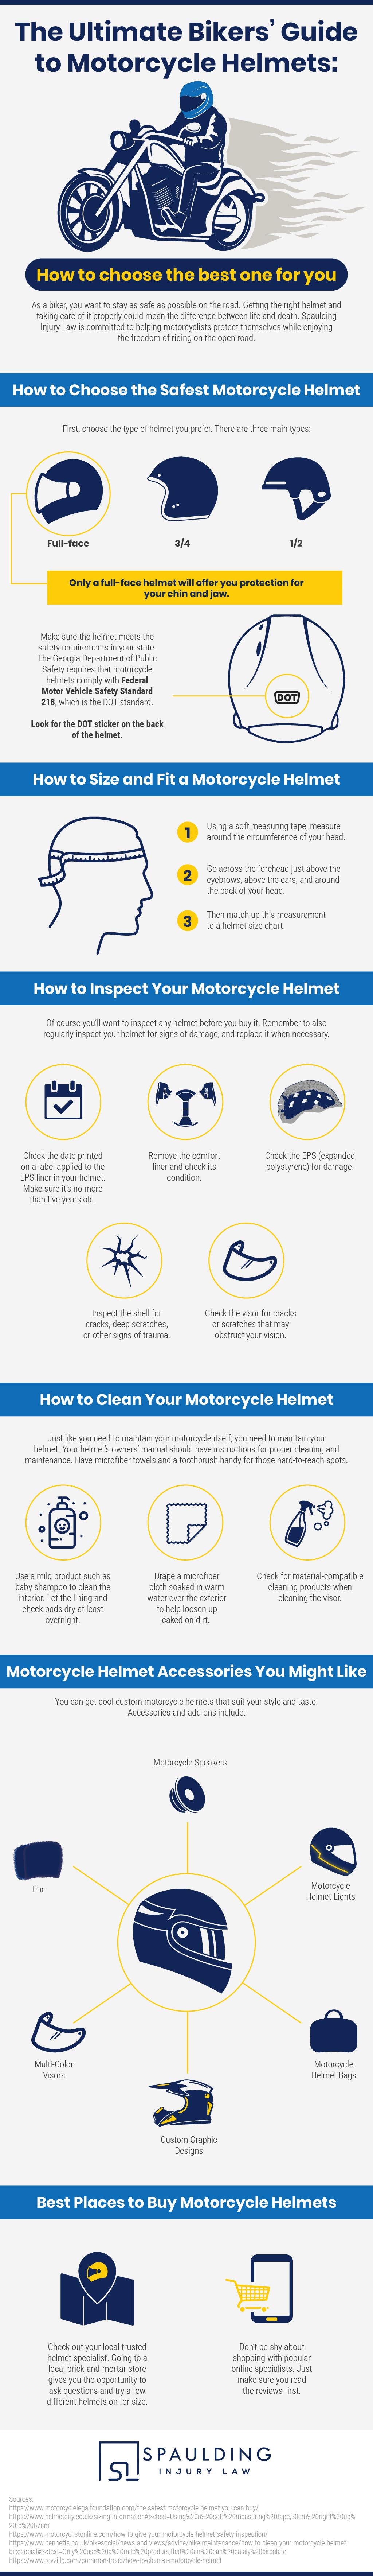 Spaulding Injury Law - The Ultimate Bikers' Guide to Motorcycle Helmets